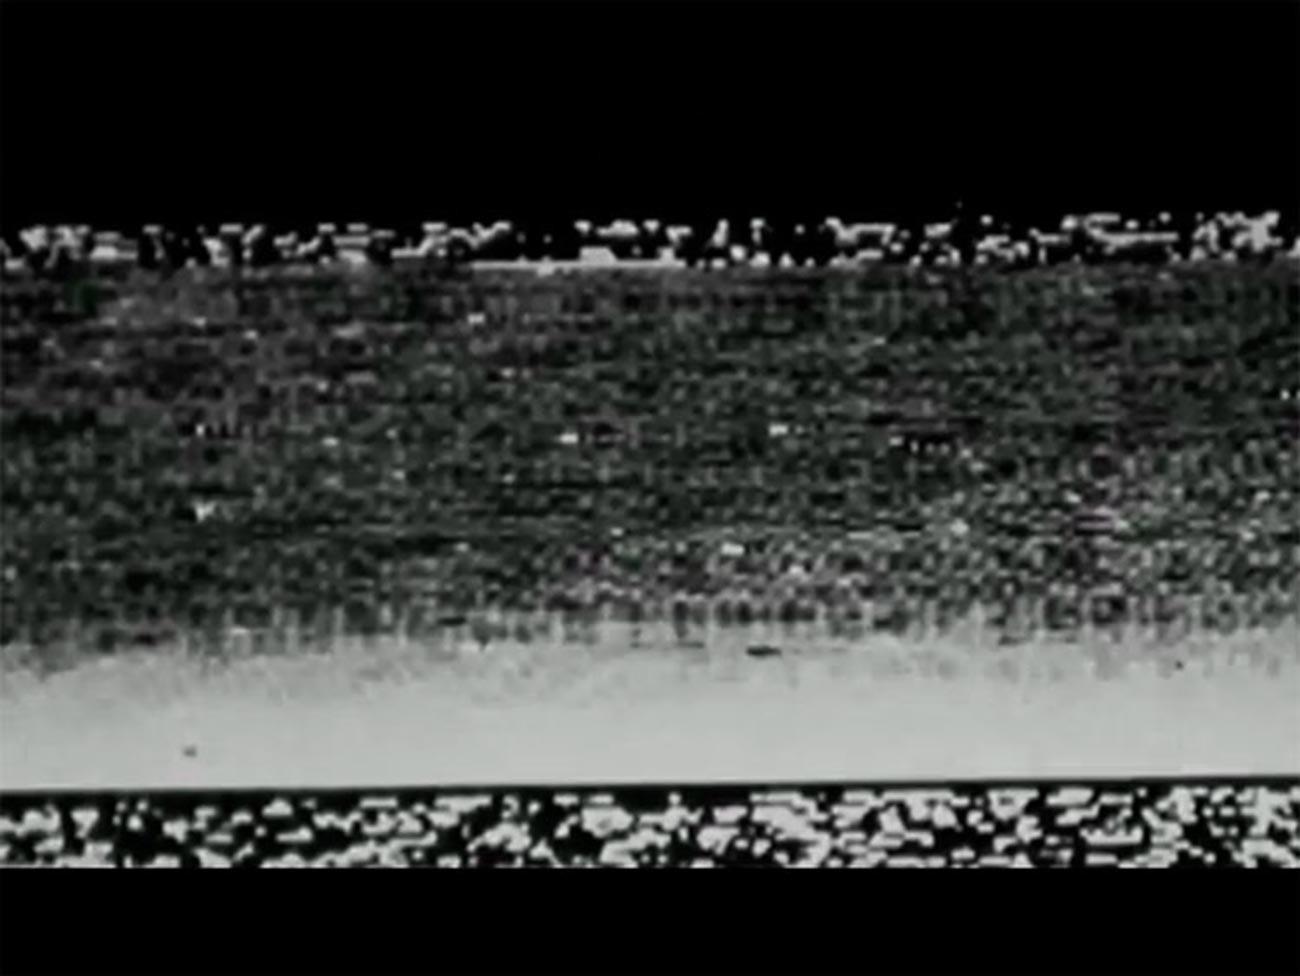 Prvi posnetek v zgodovini na površini Marsa.